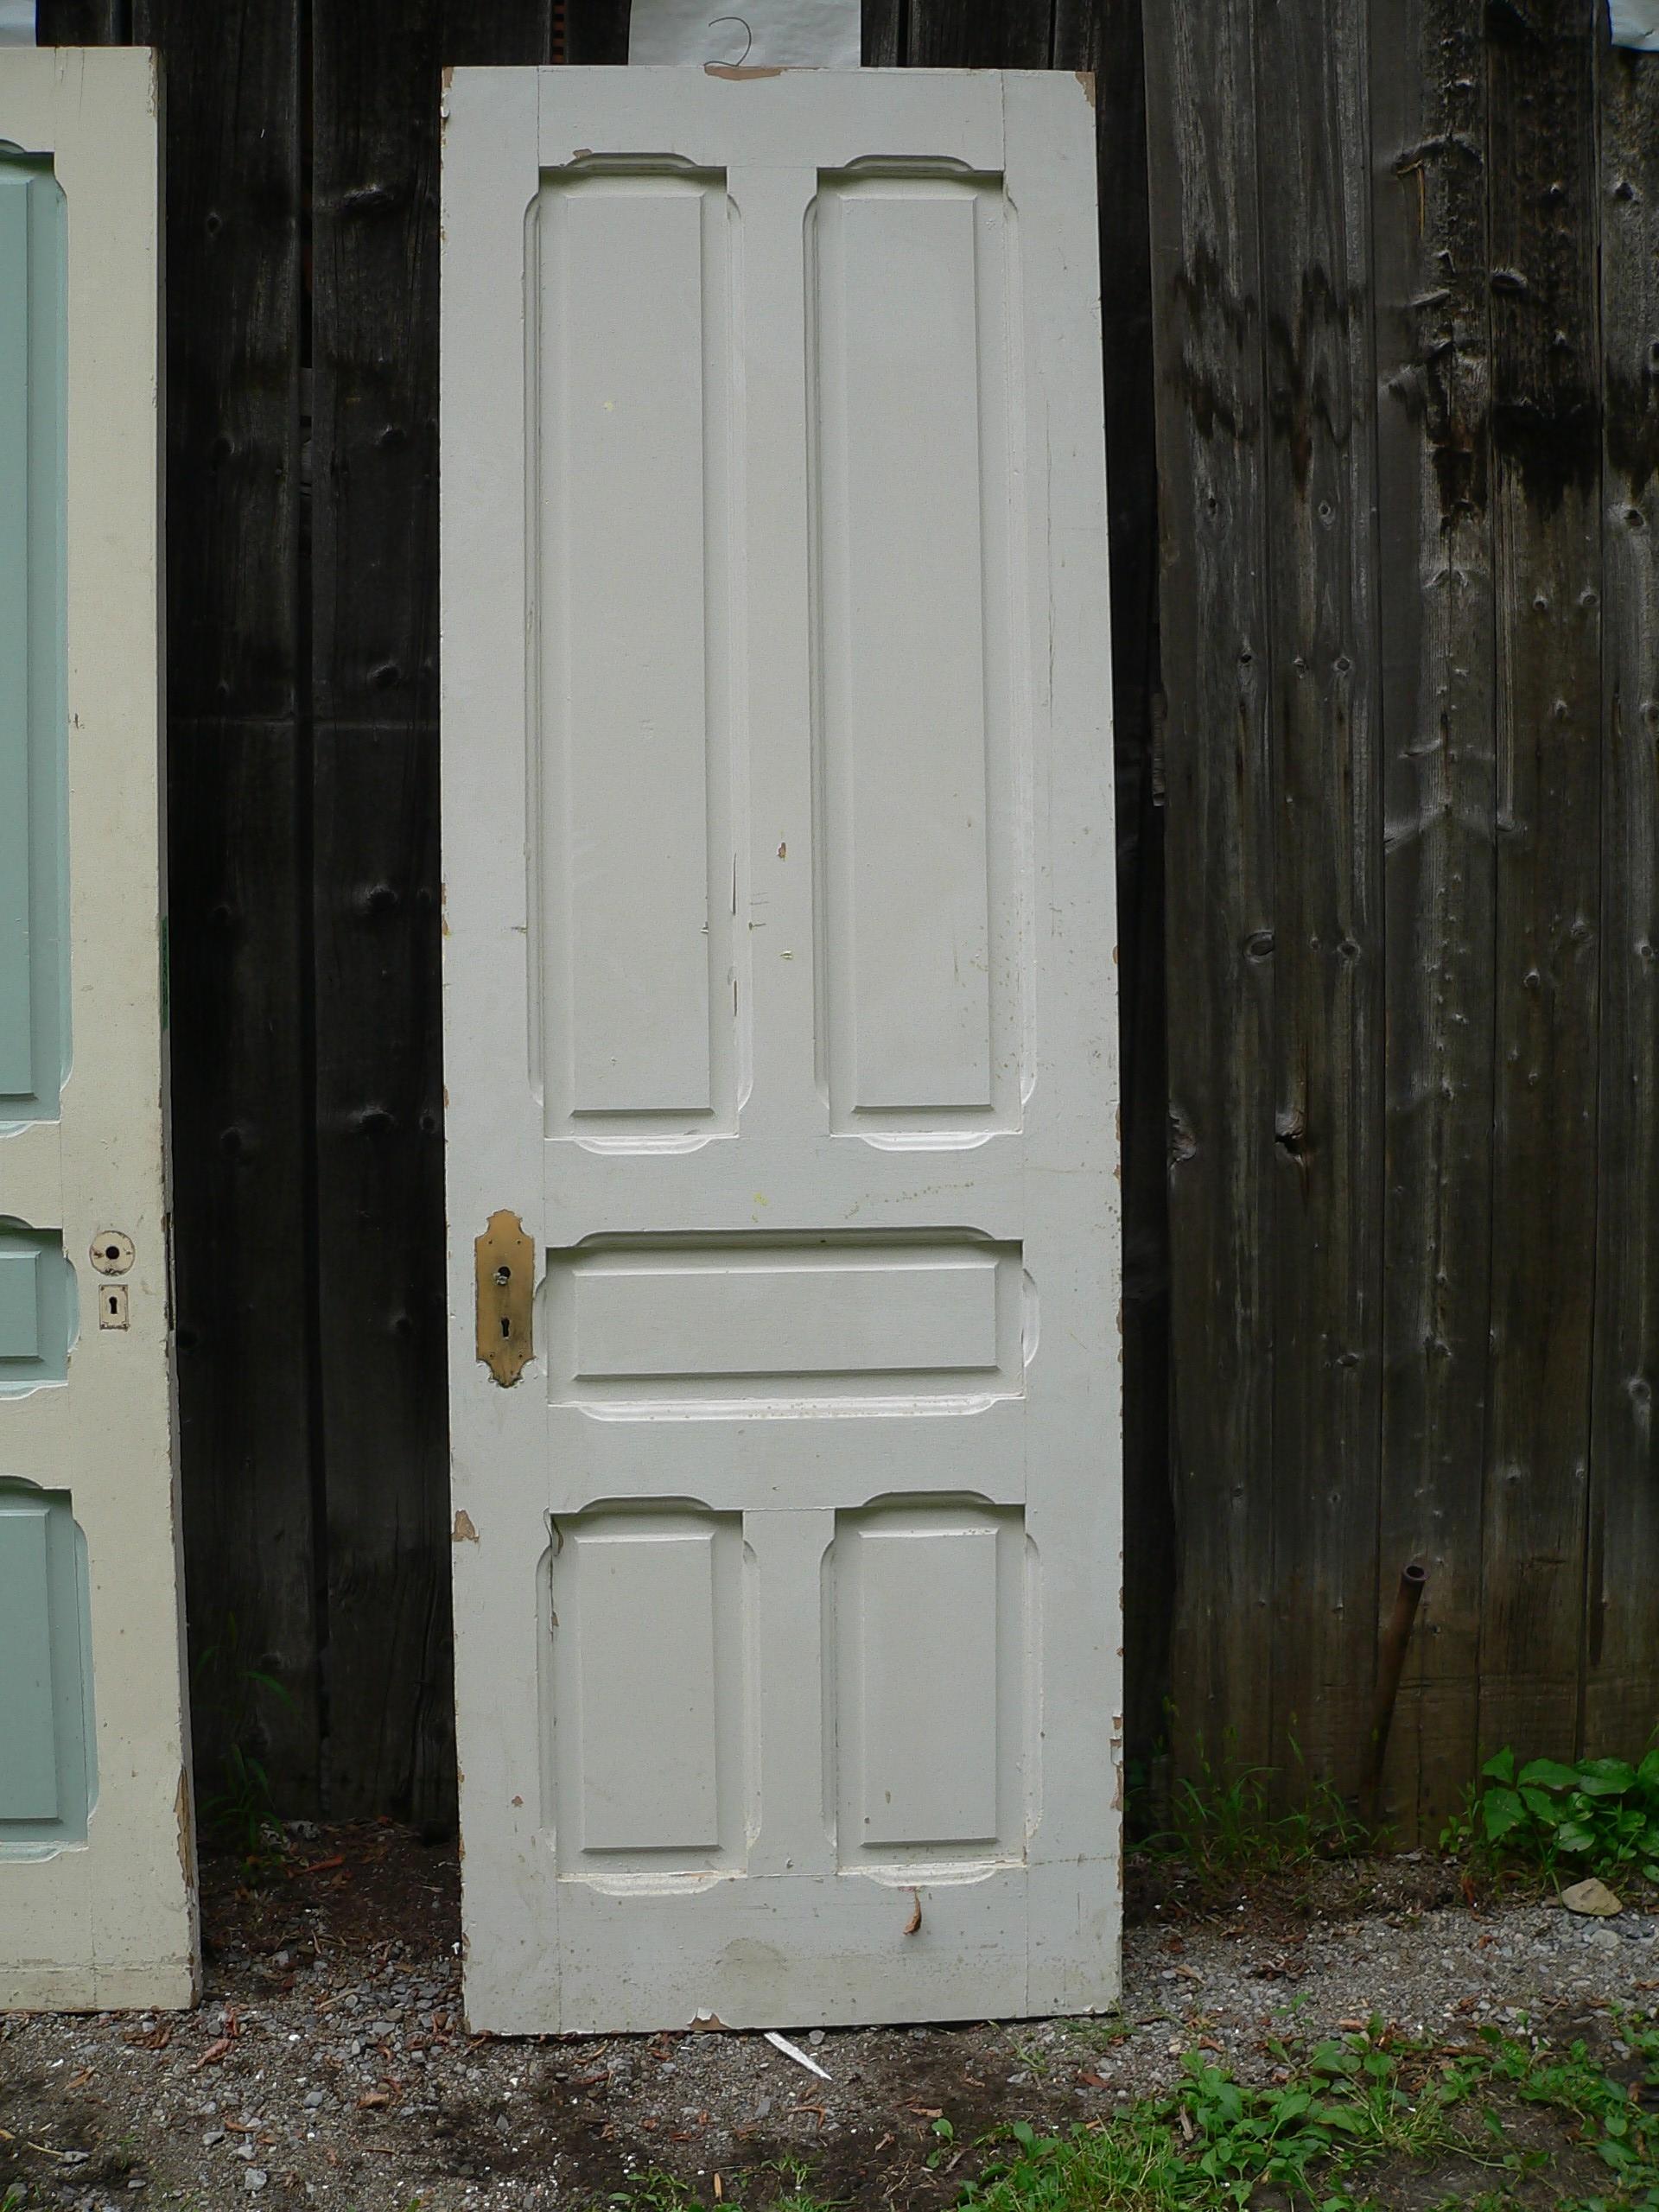 Porte antique a caisson # 6486